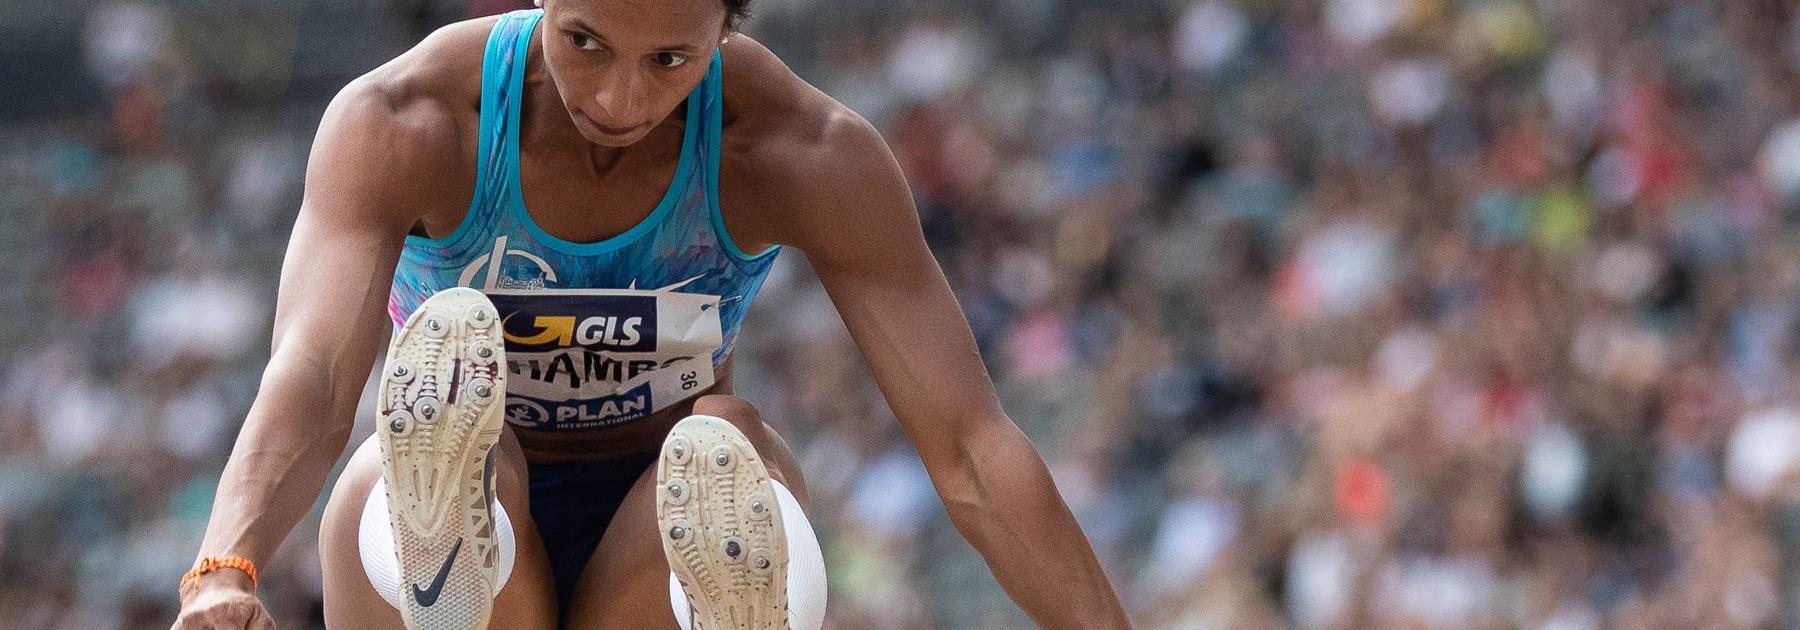 Malaika Mihambo sails to 7.16m in the long jump at the German Championships (Bongarts / Getty Images)